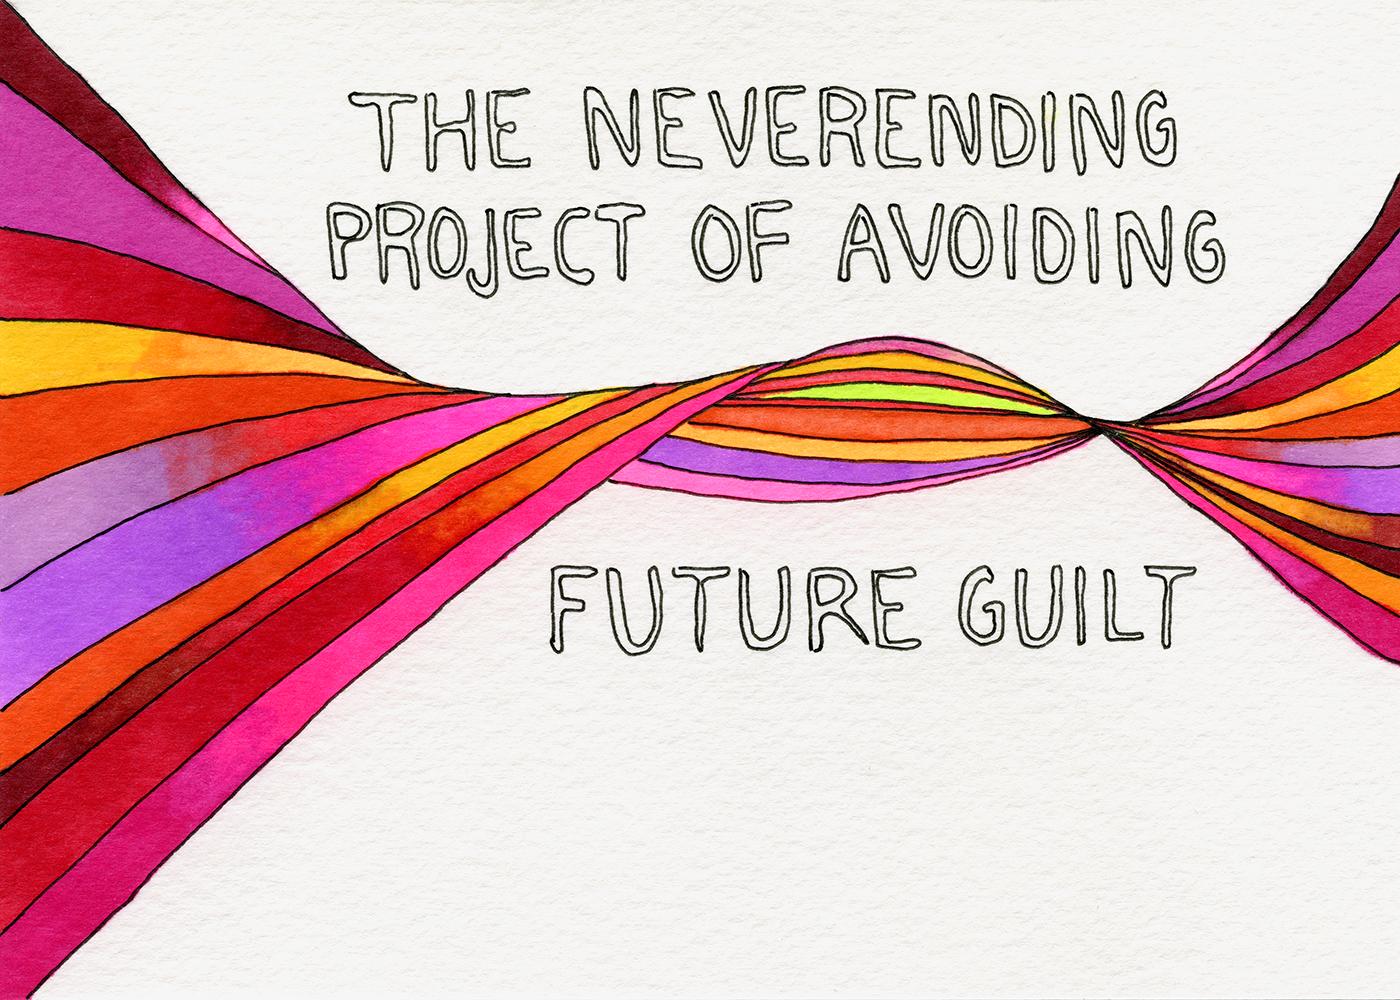 26_neverending_project_of_avoiding.jpg